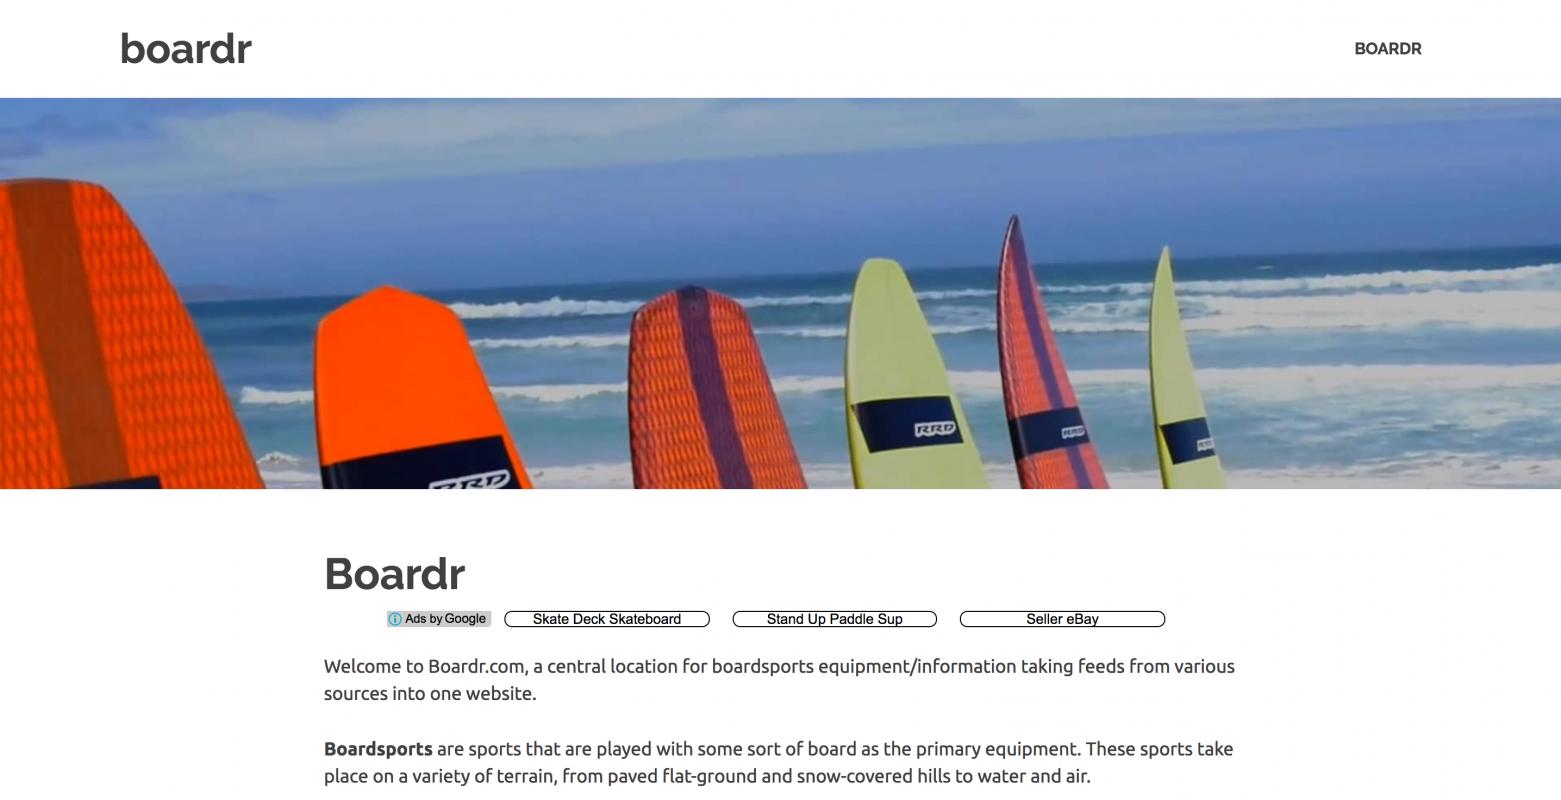 Boardr.com